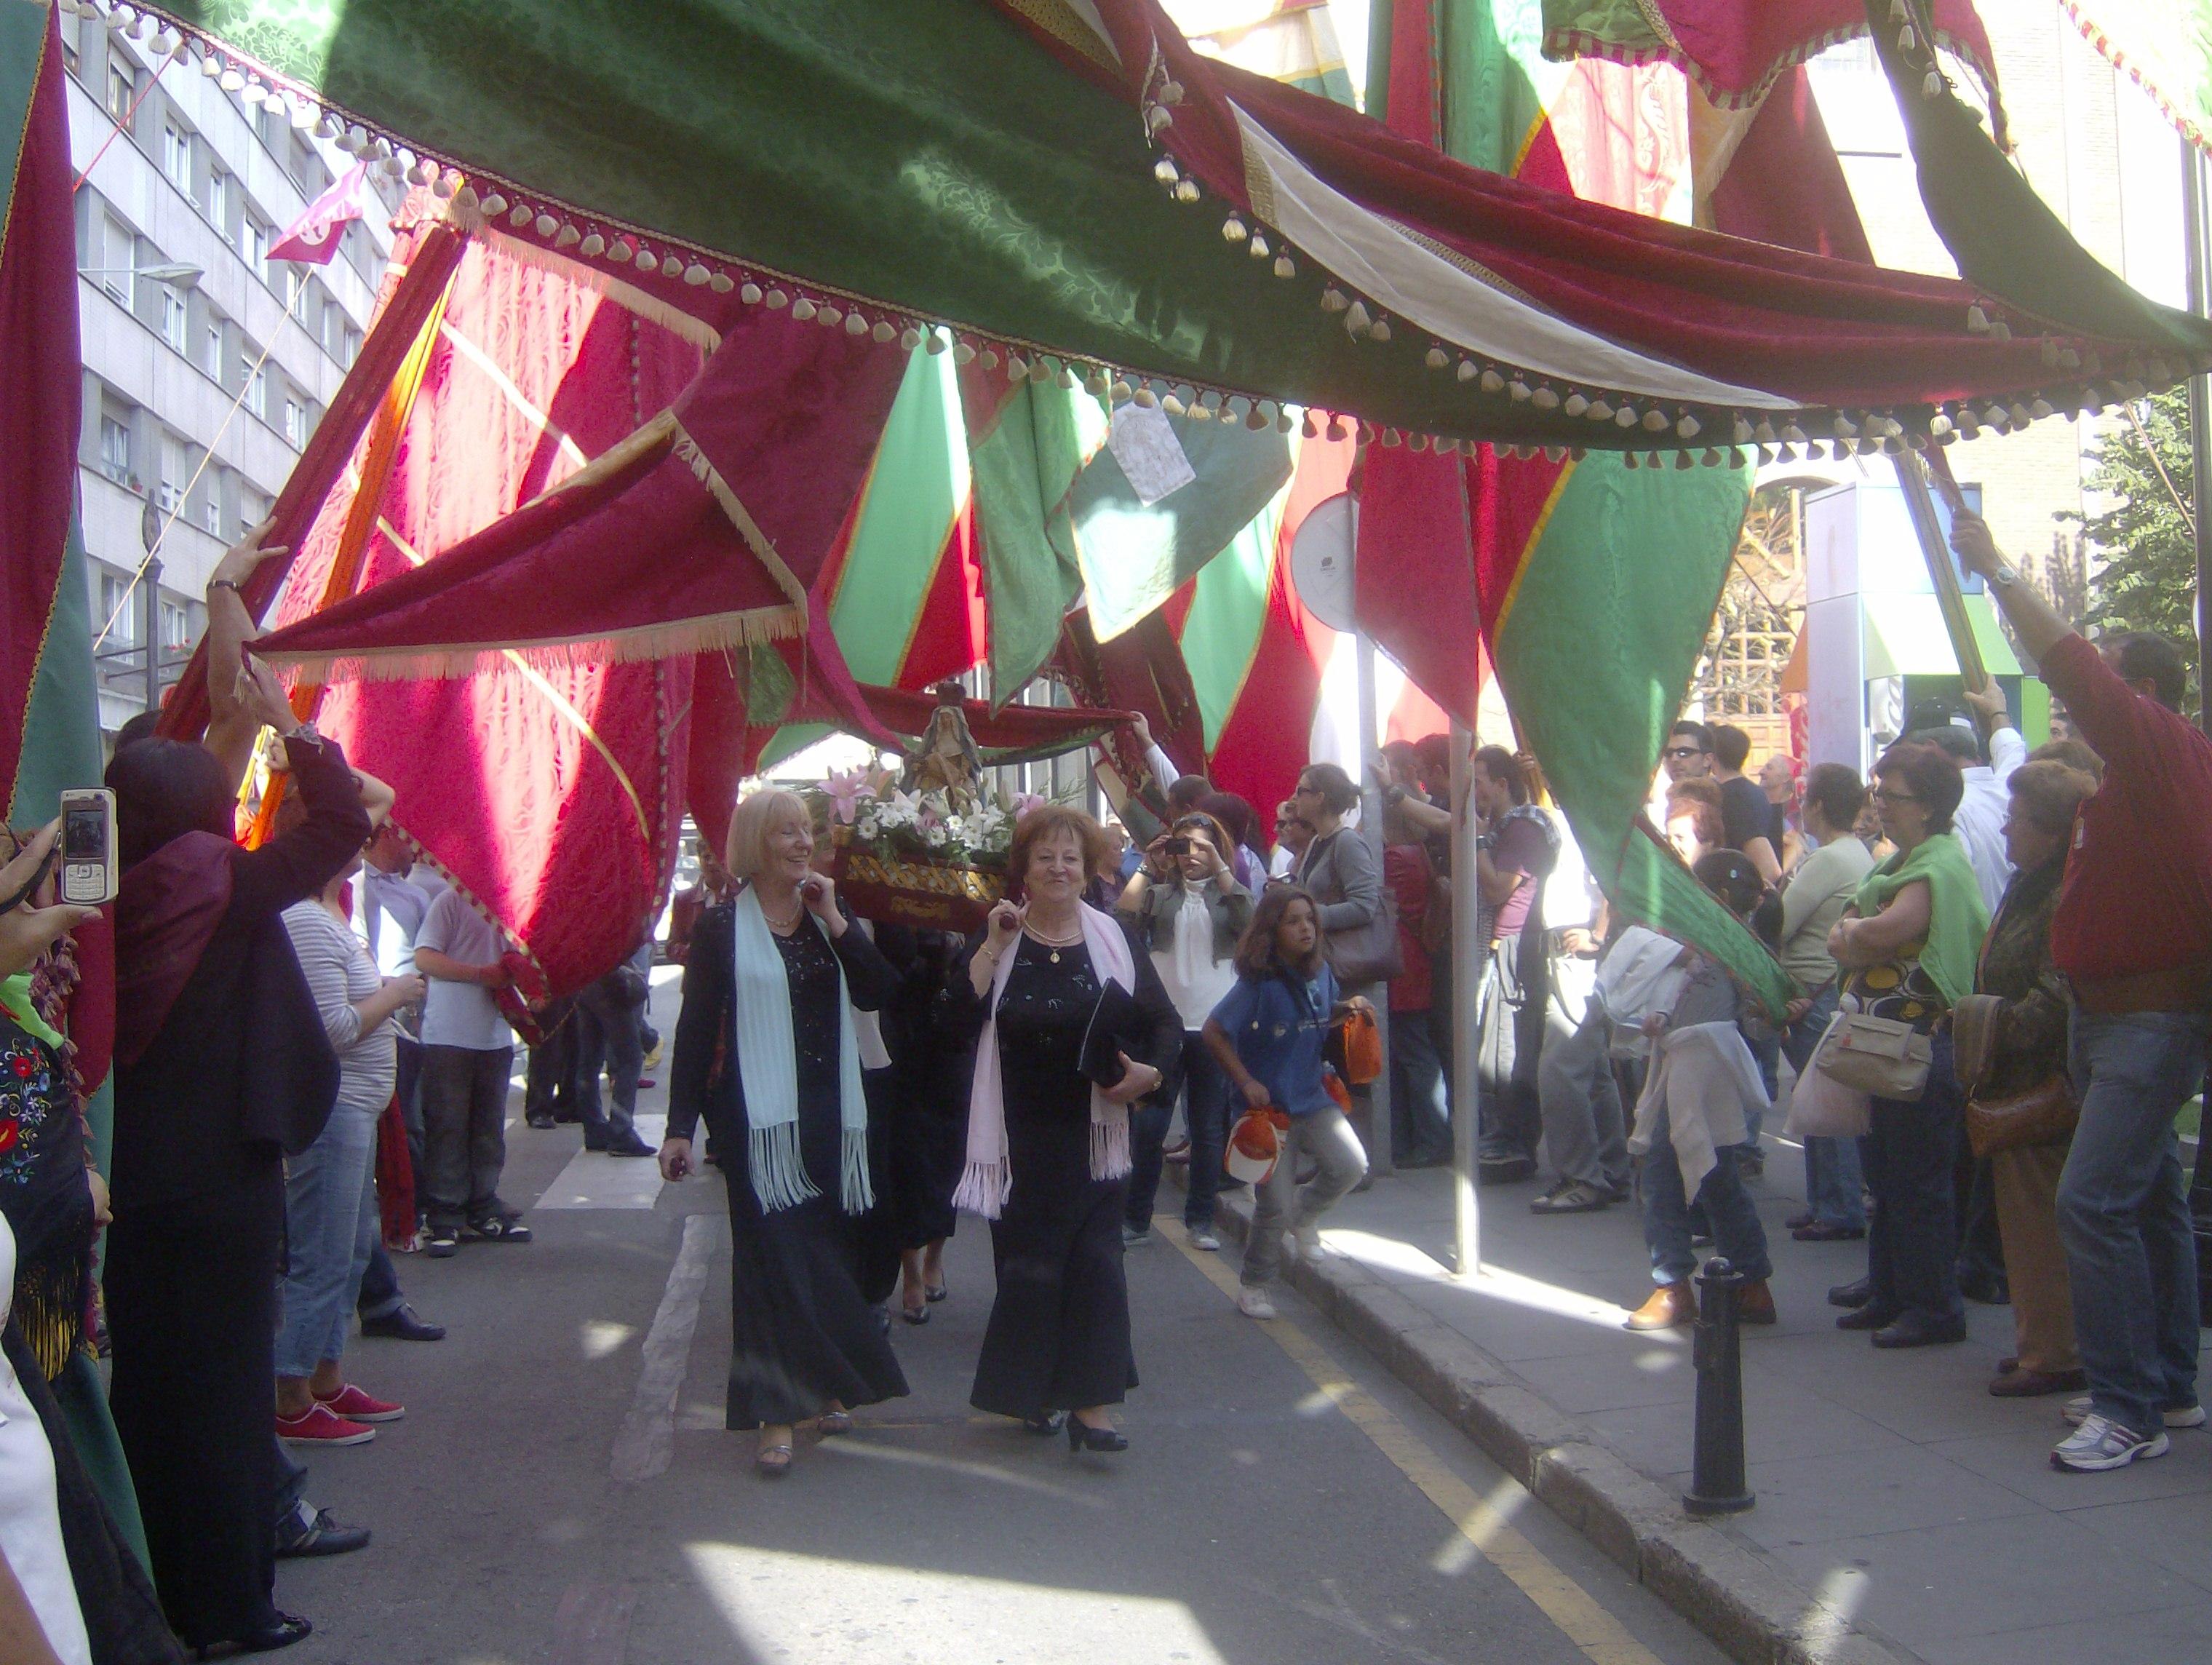 Los pendones haciendo el pasillo en La Casa de León en Asturias